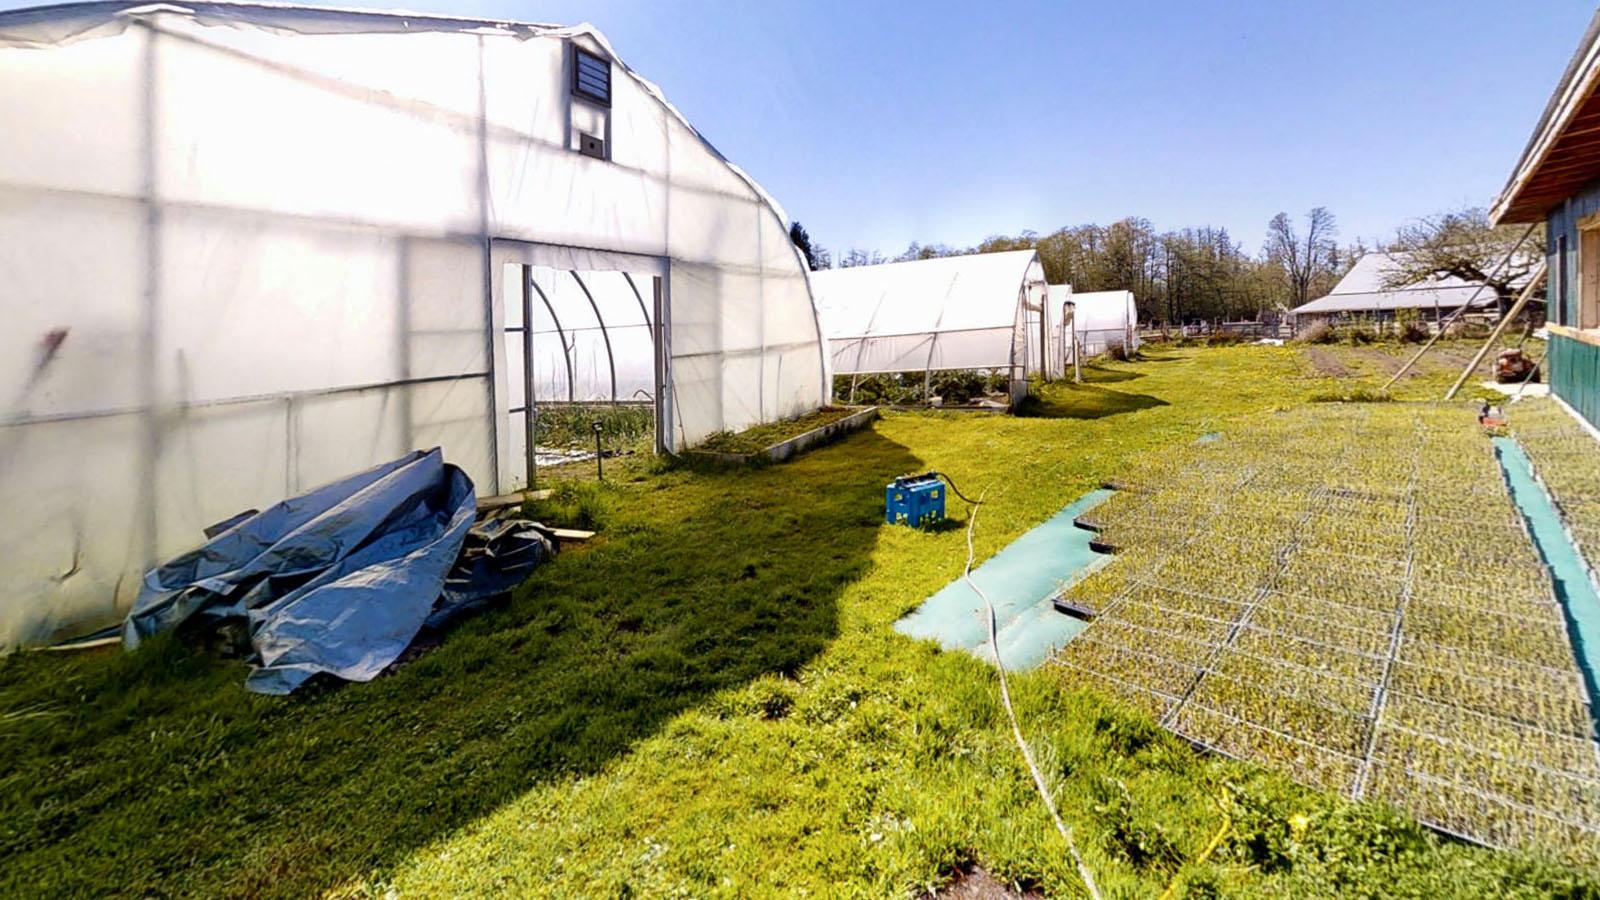 Hatch a bird farm 20